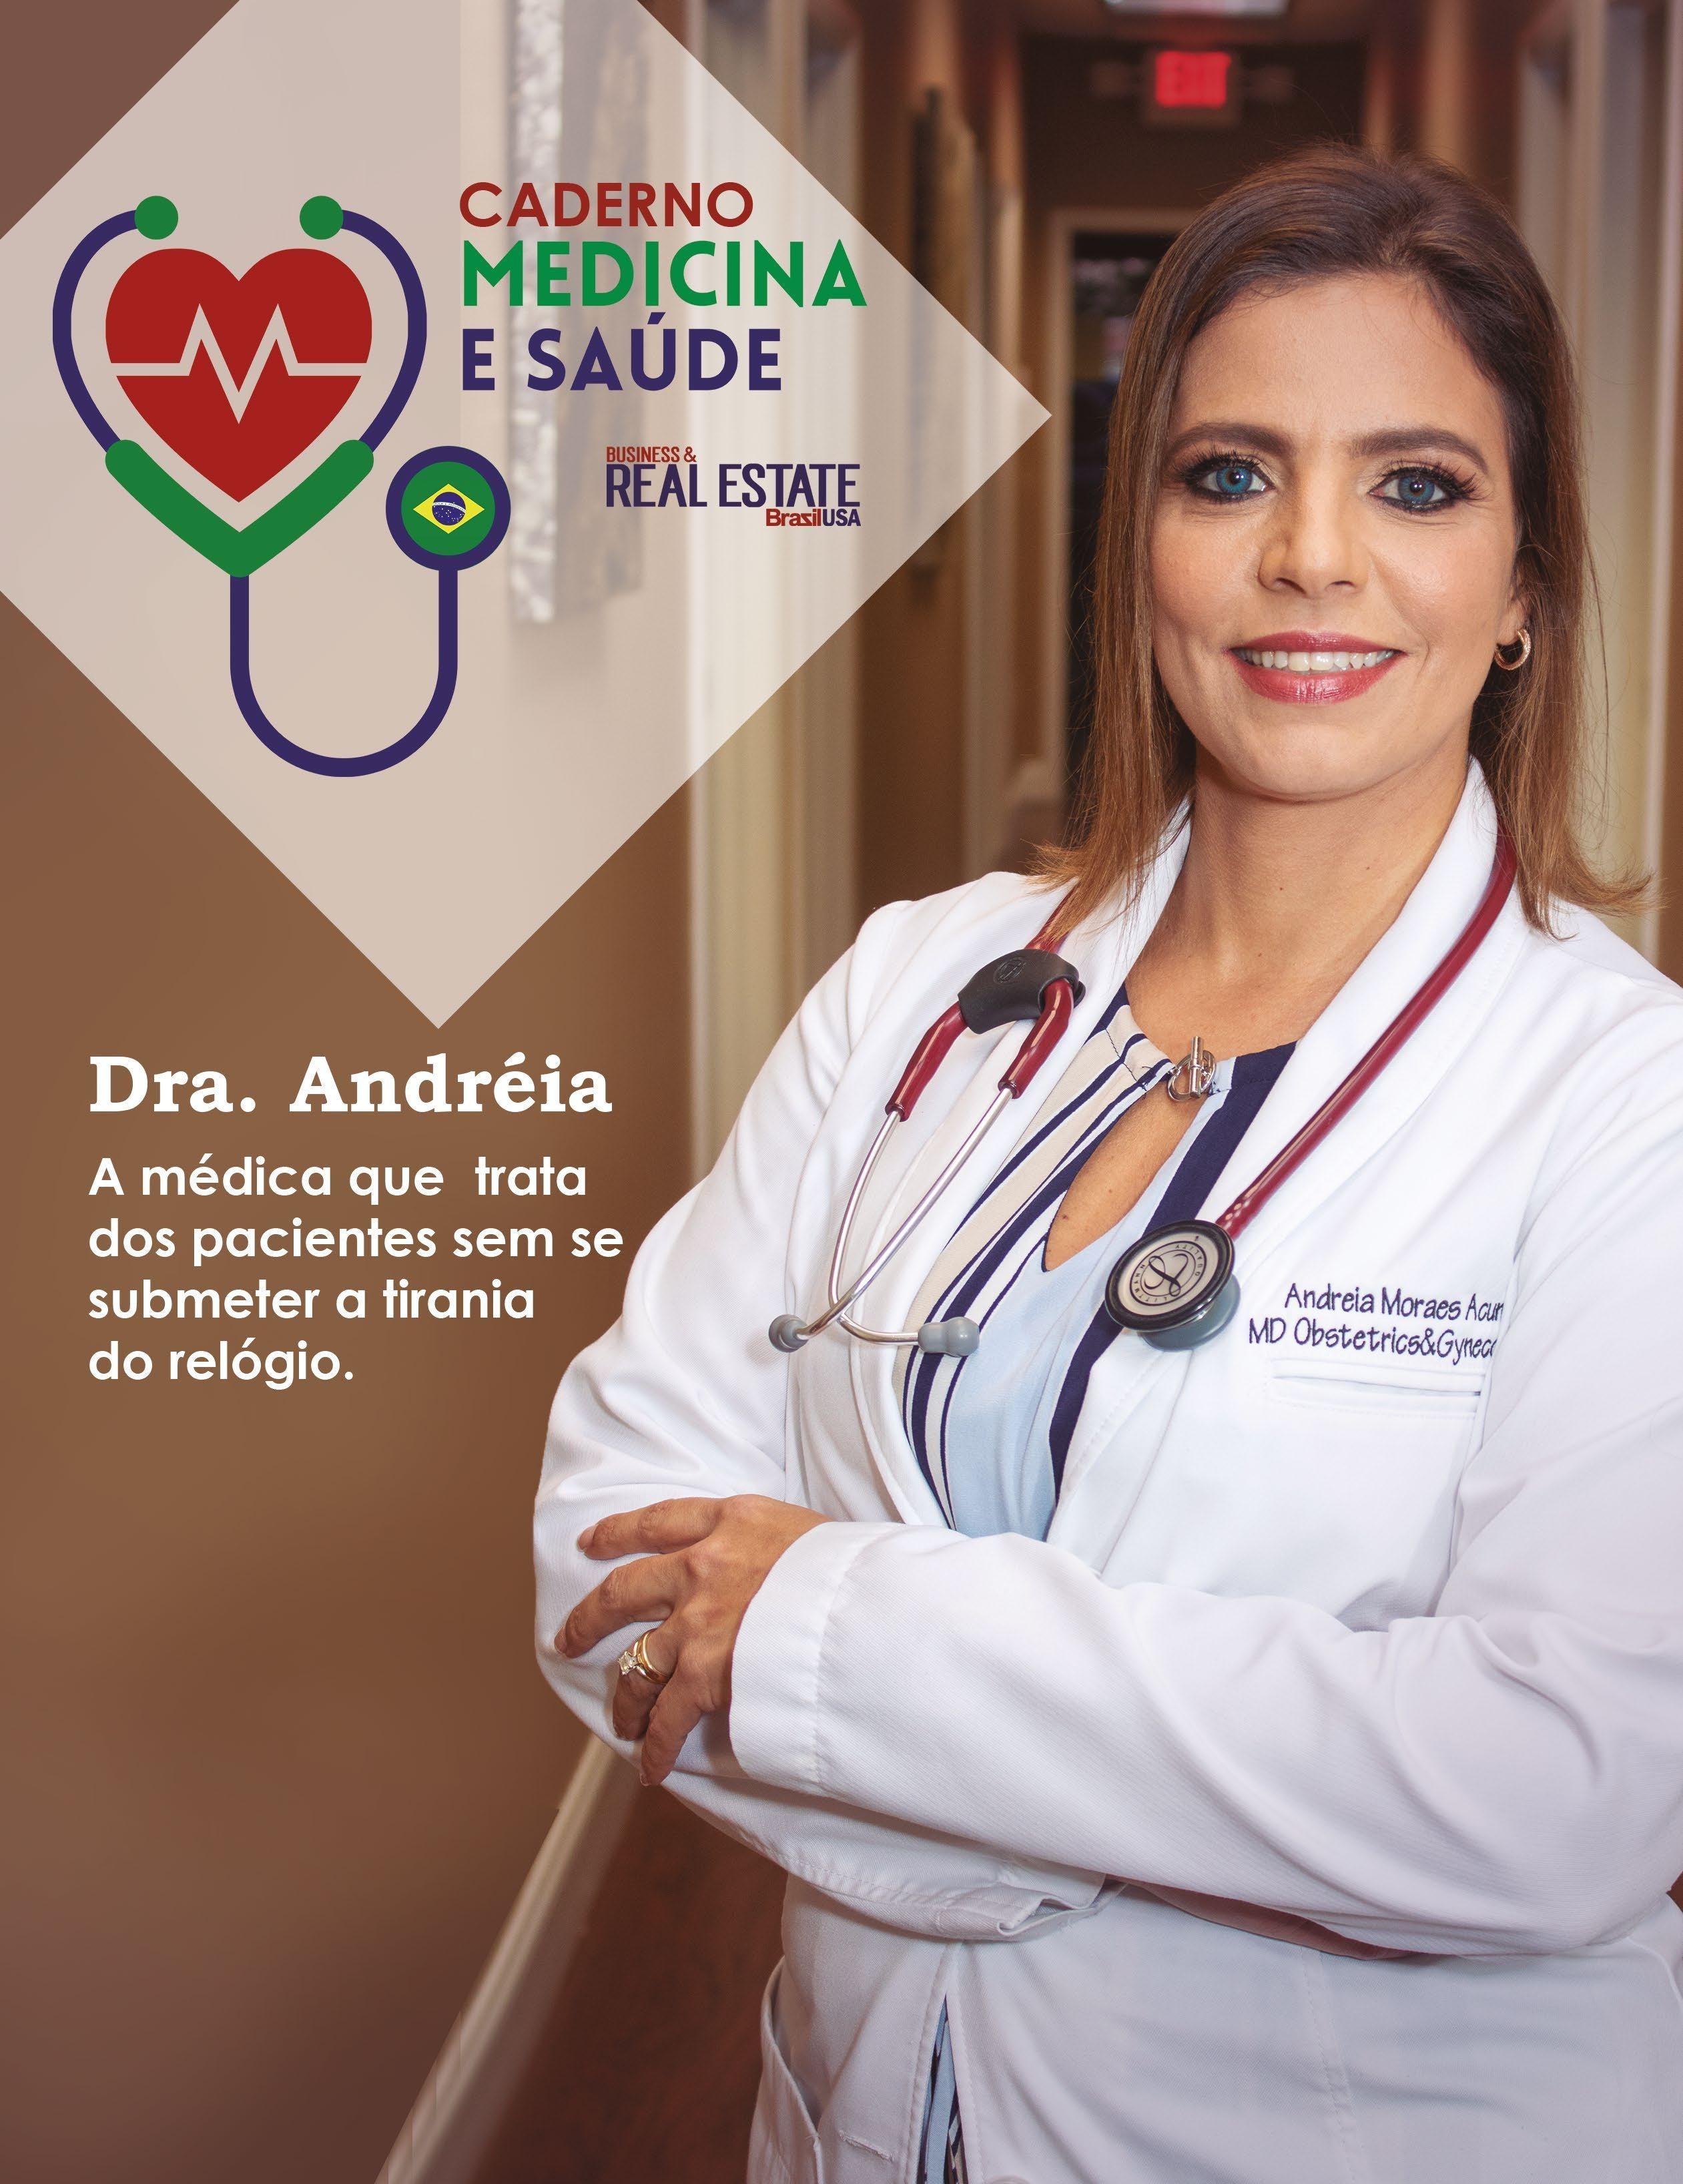 Page 30 of DRA. ANDRÉIA, A MÉDICA QUE TRATA DOS PACIENTES SEM SE SUBMETER A TIRANIA DO RELÓGIO